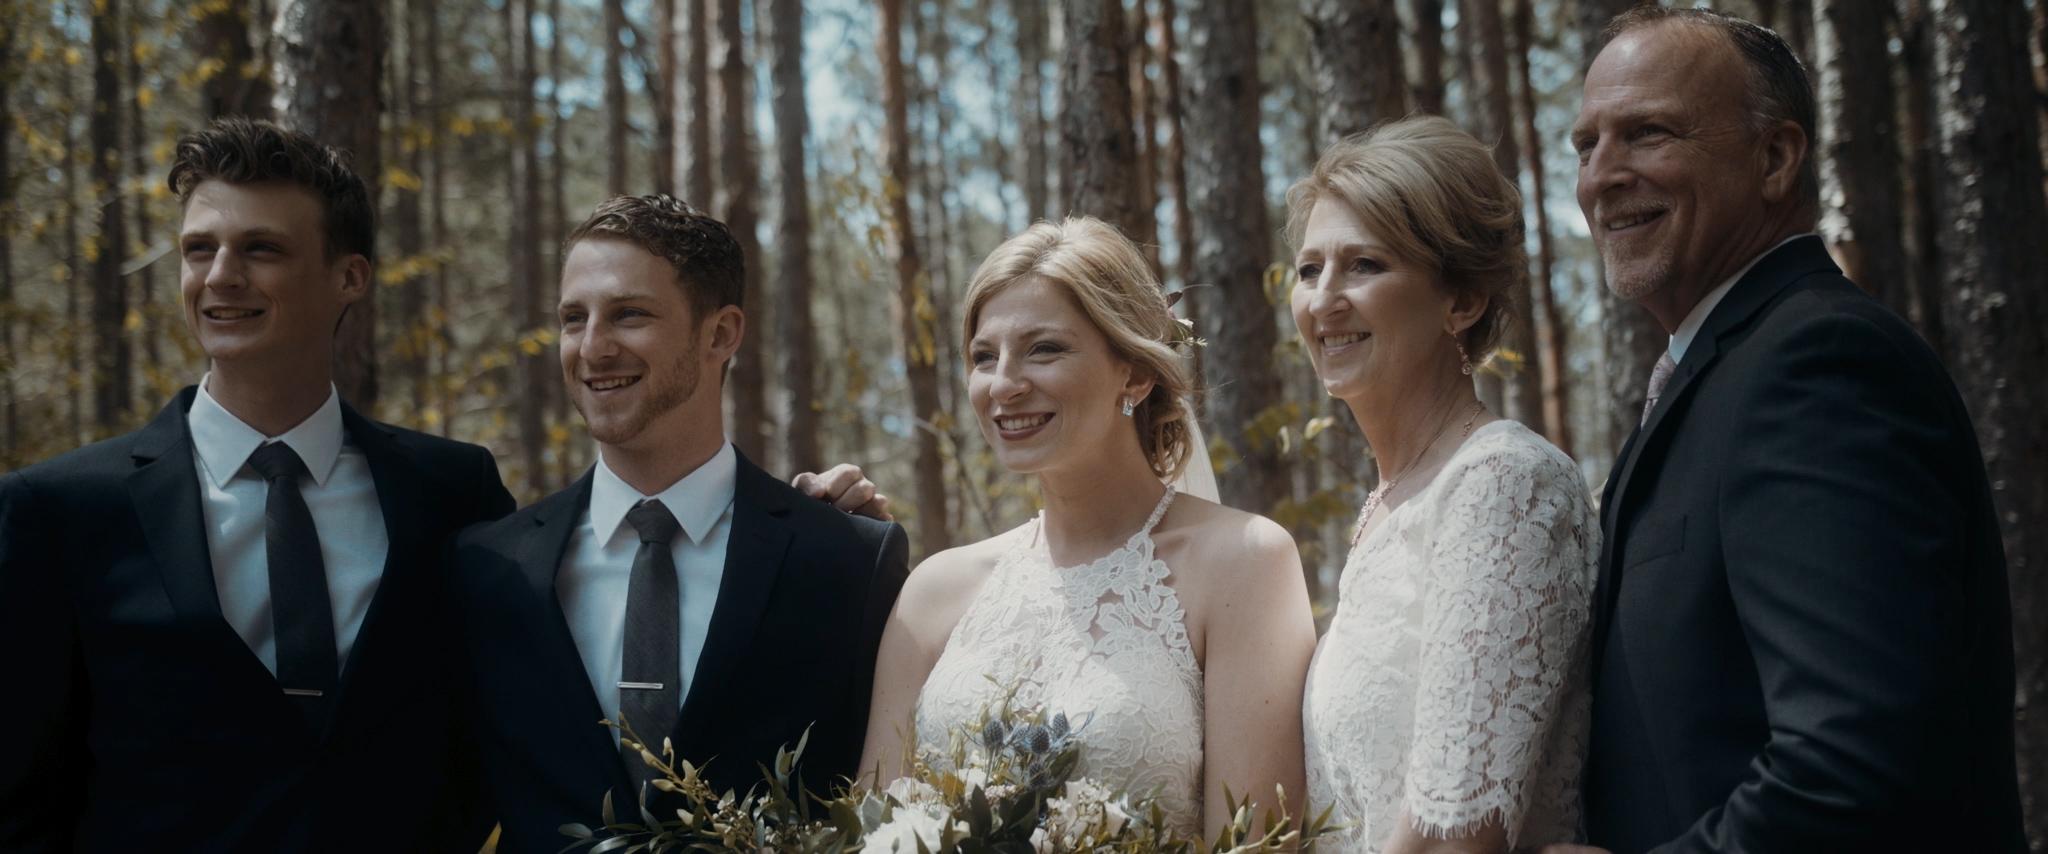 HAVENS_Wedding_Film.00_02_29_08.Still030.jpg